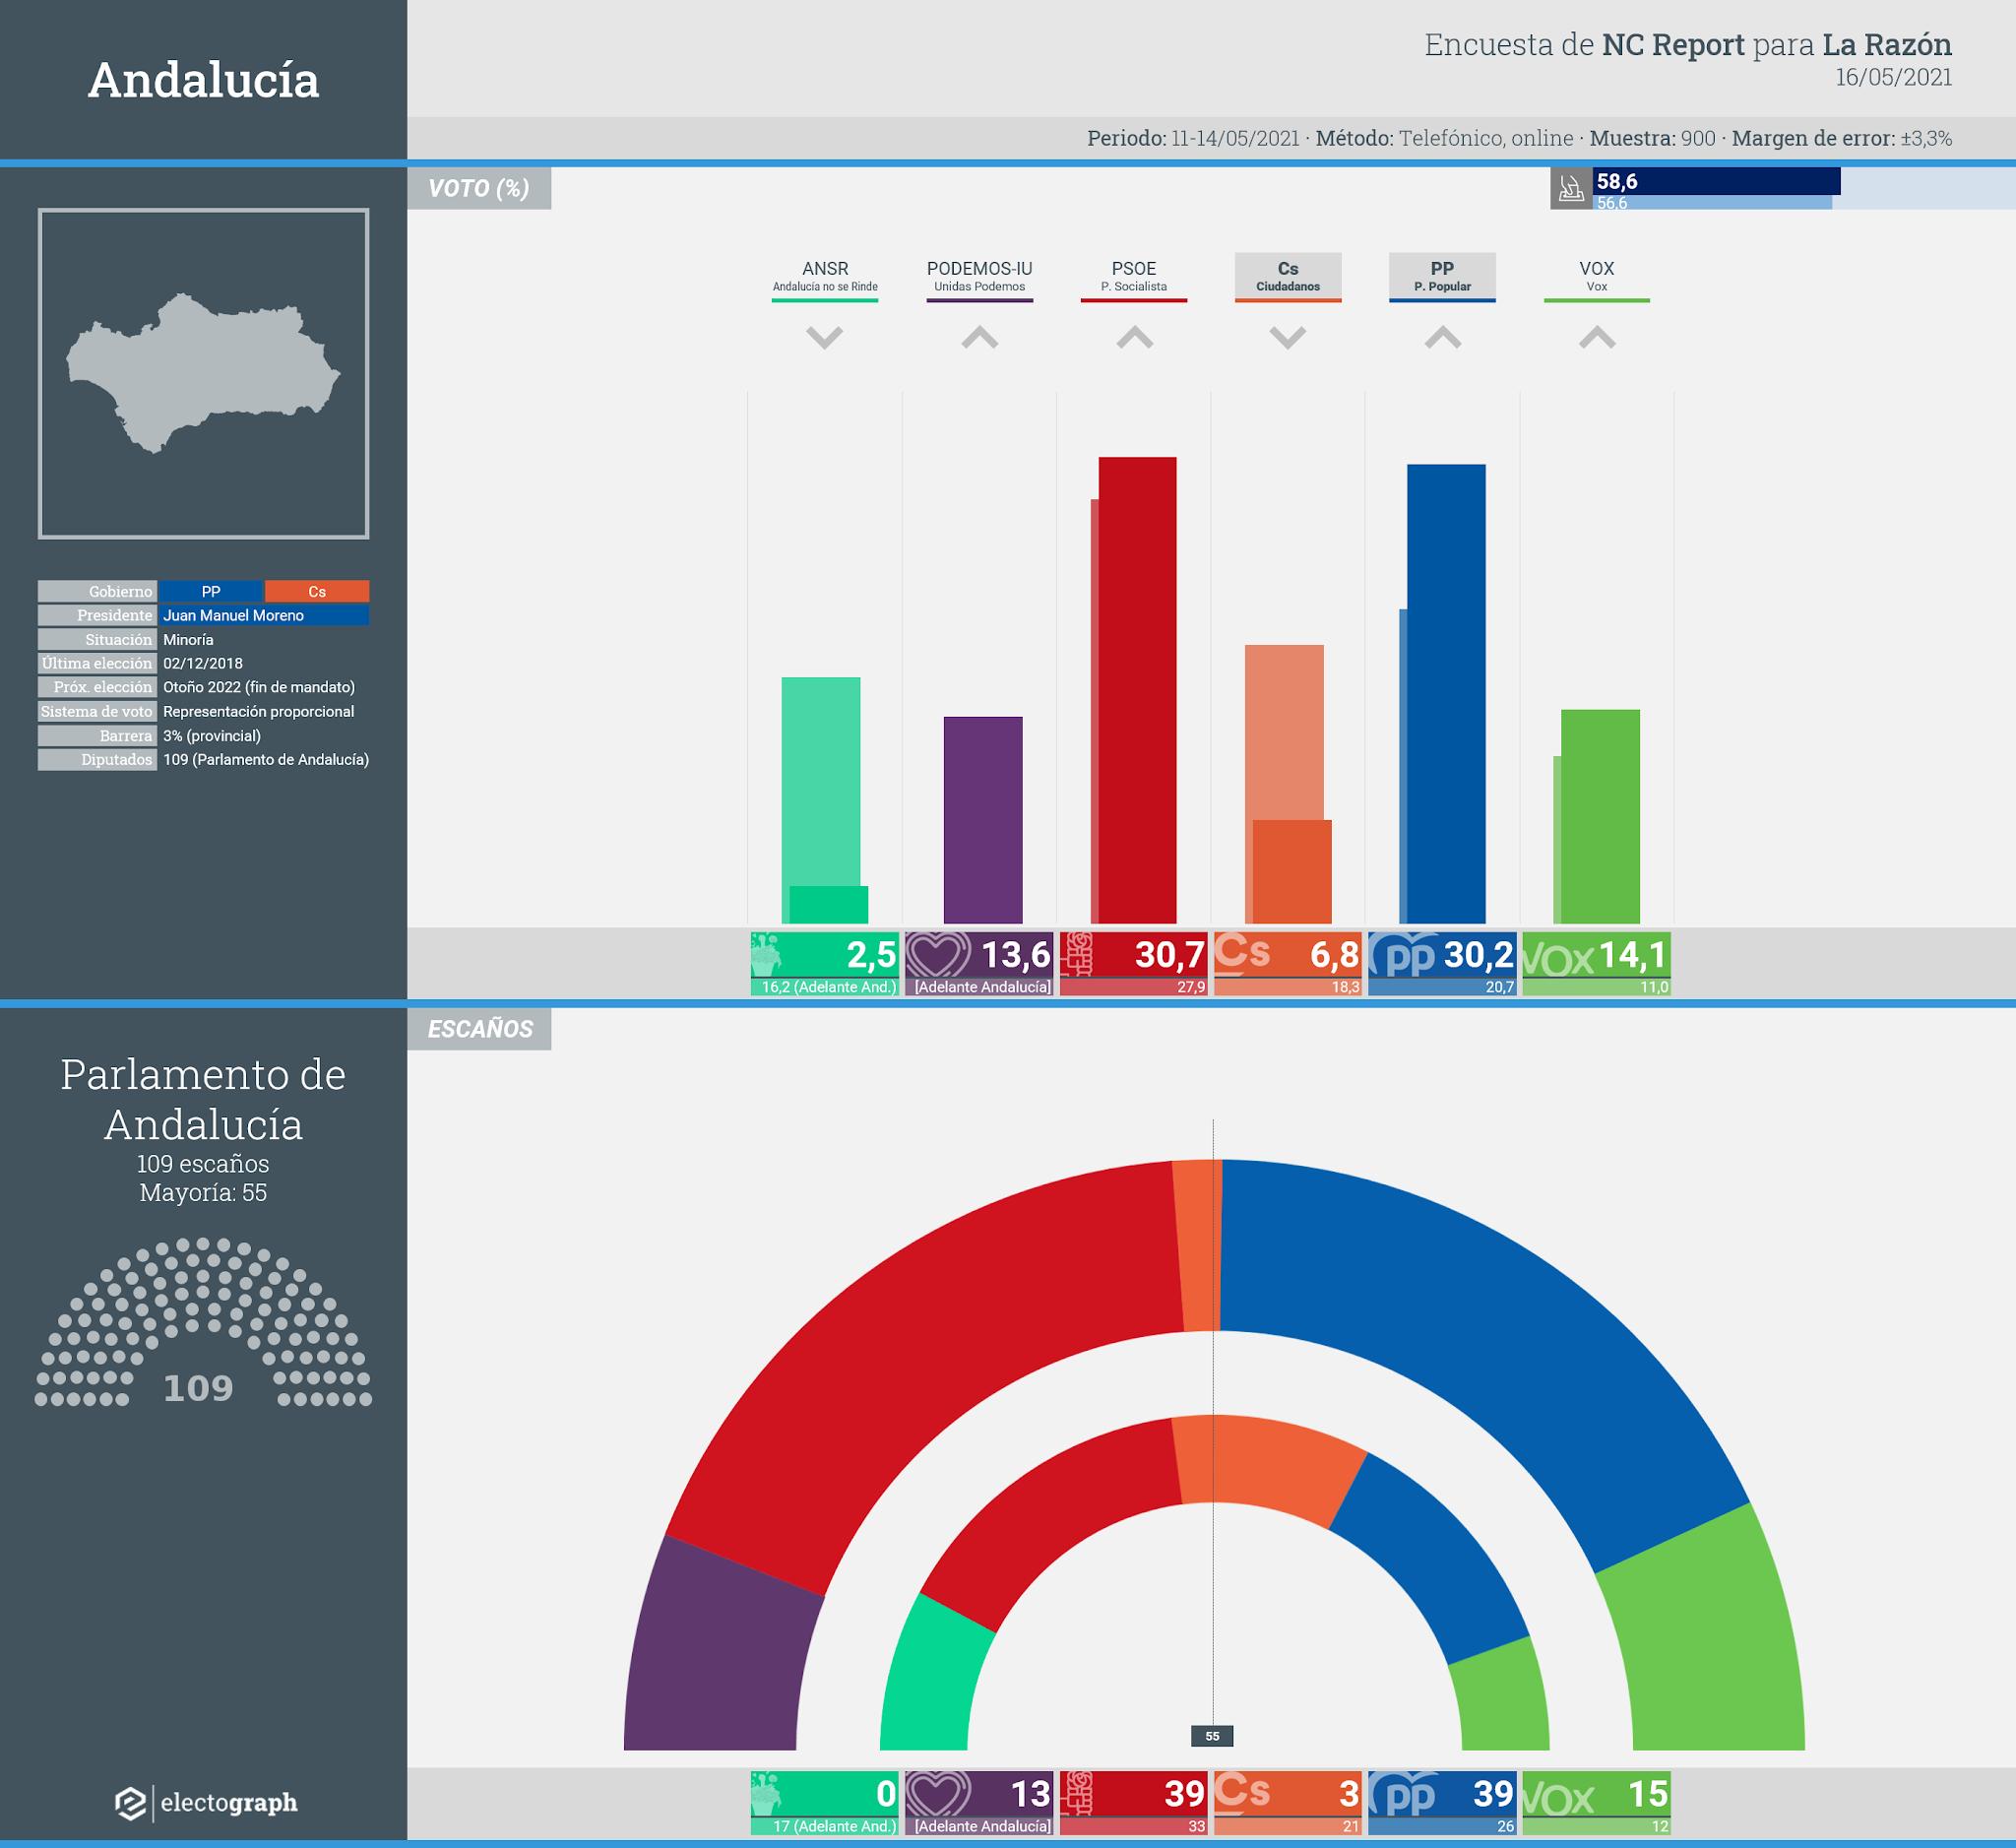 Gráfico de la encuesta para elecciones autonómicas en Andalucía realizada por NC Report para La Razón, 16 de mayo de 2021